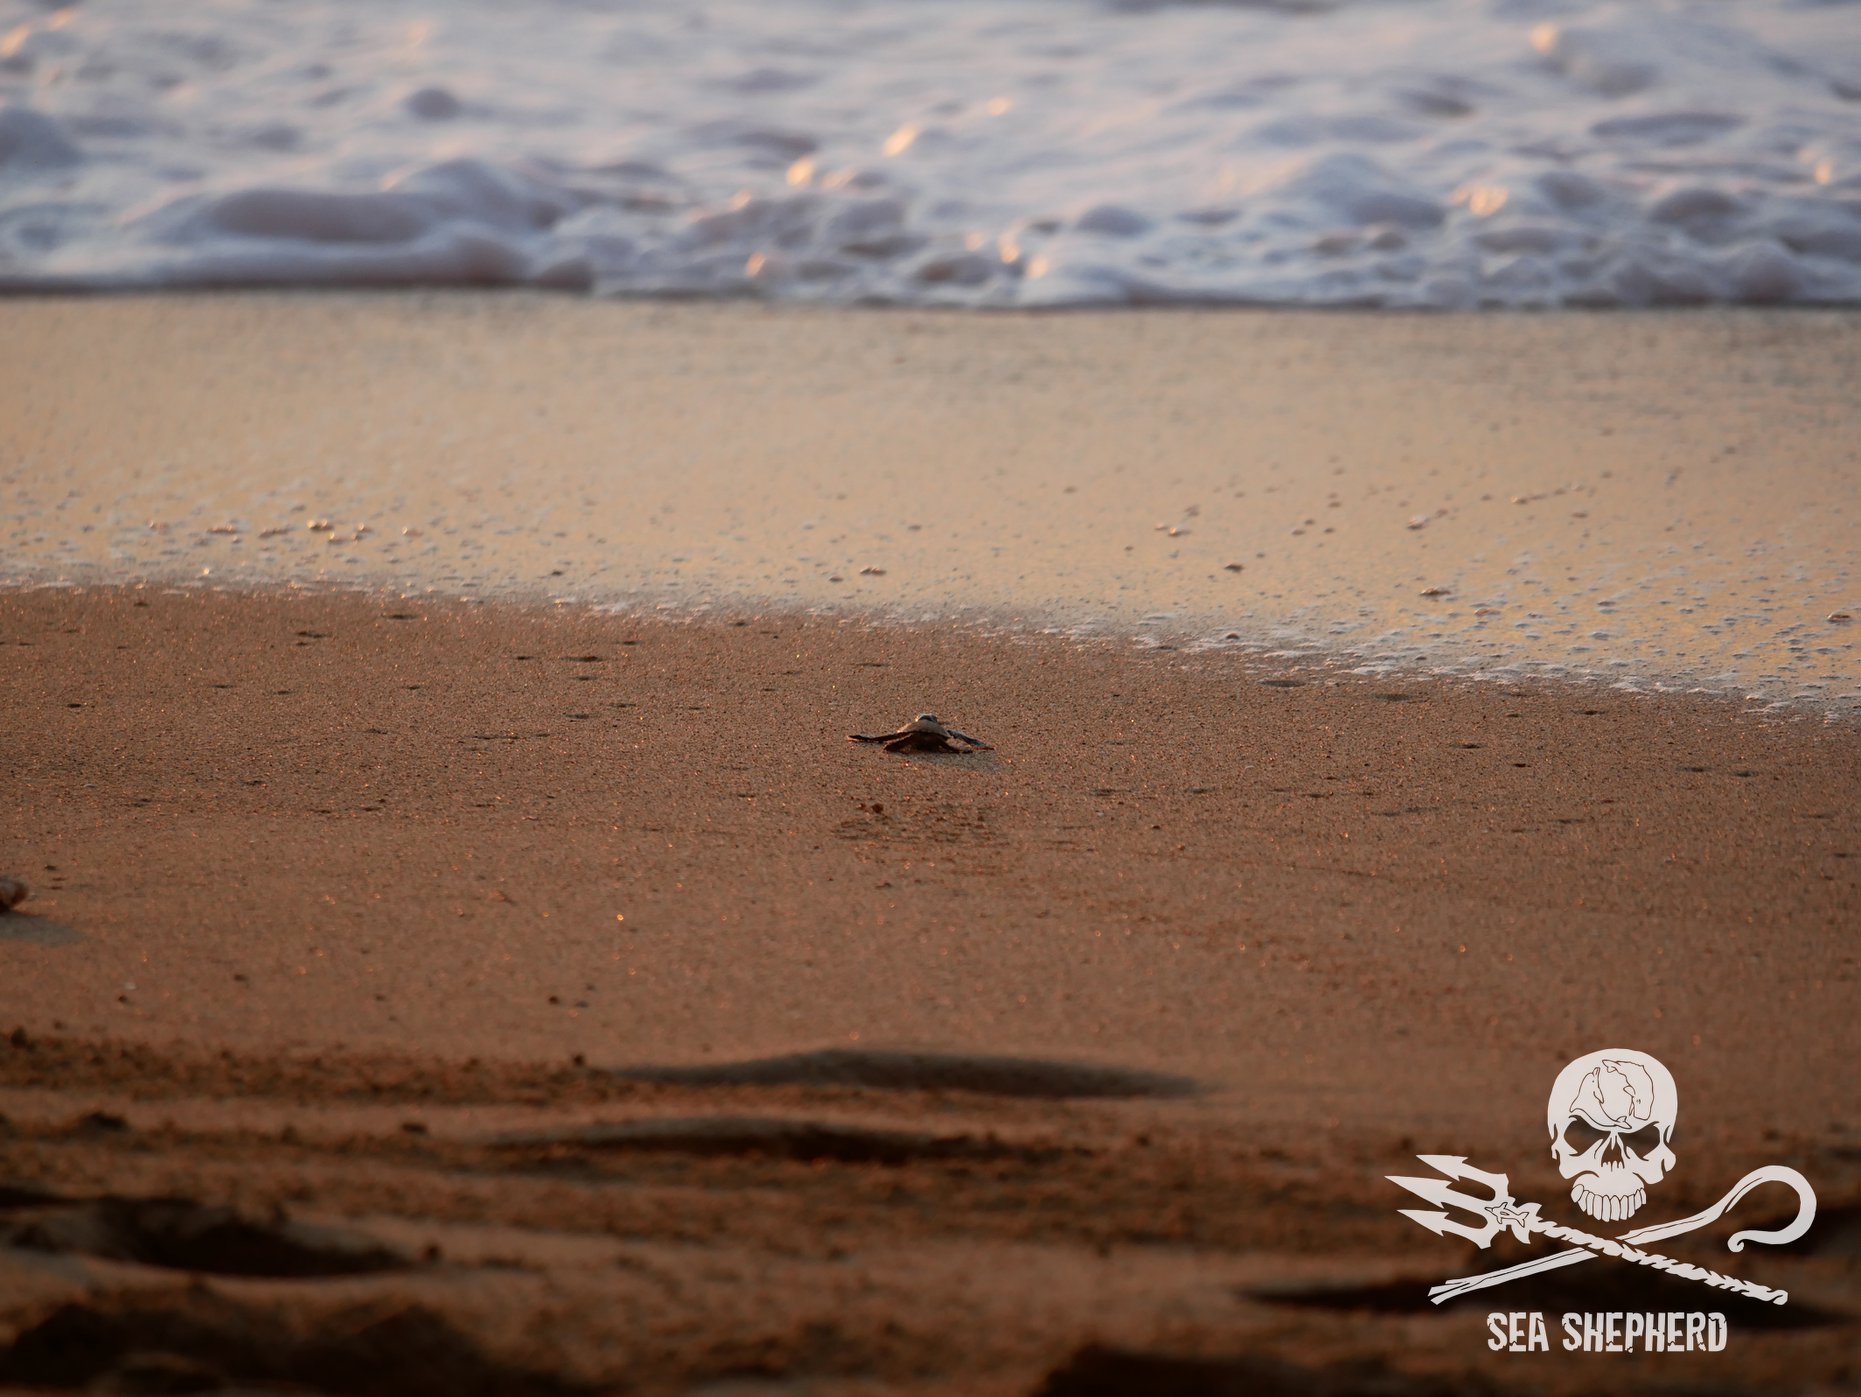 Un bébé tortue se dirige vers le large